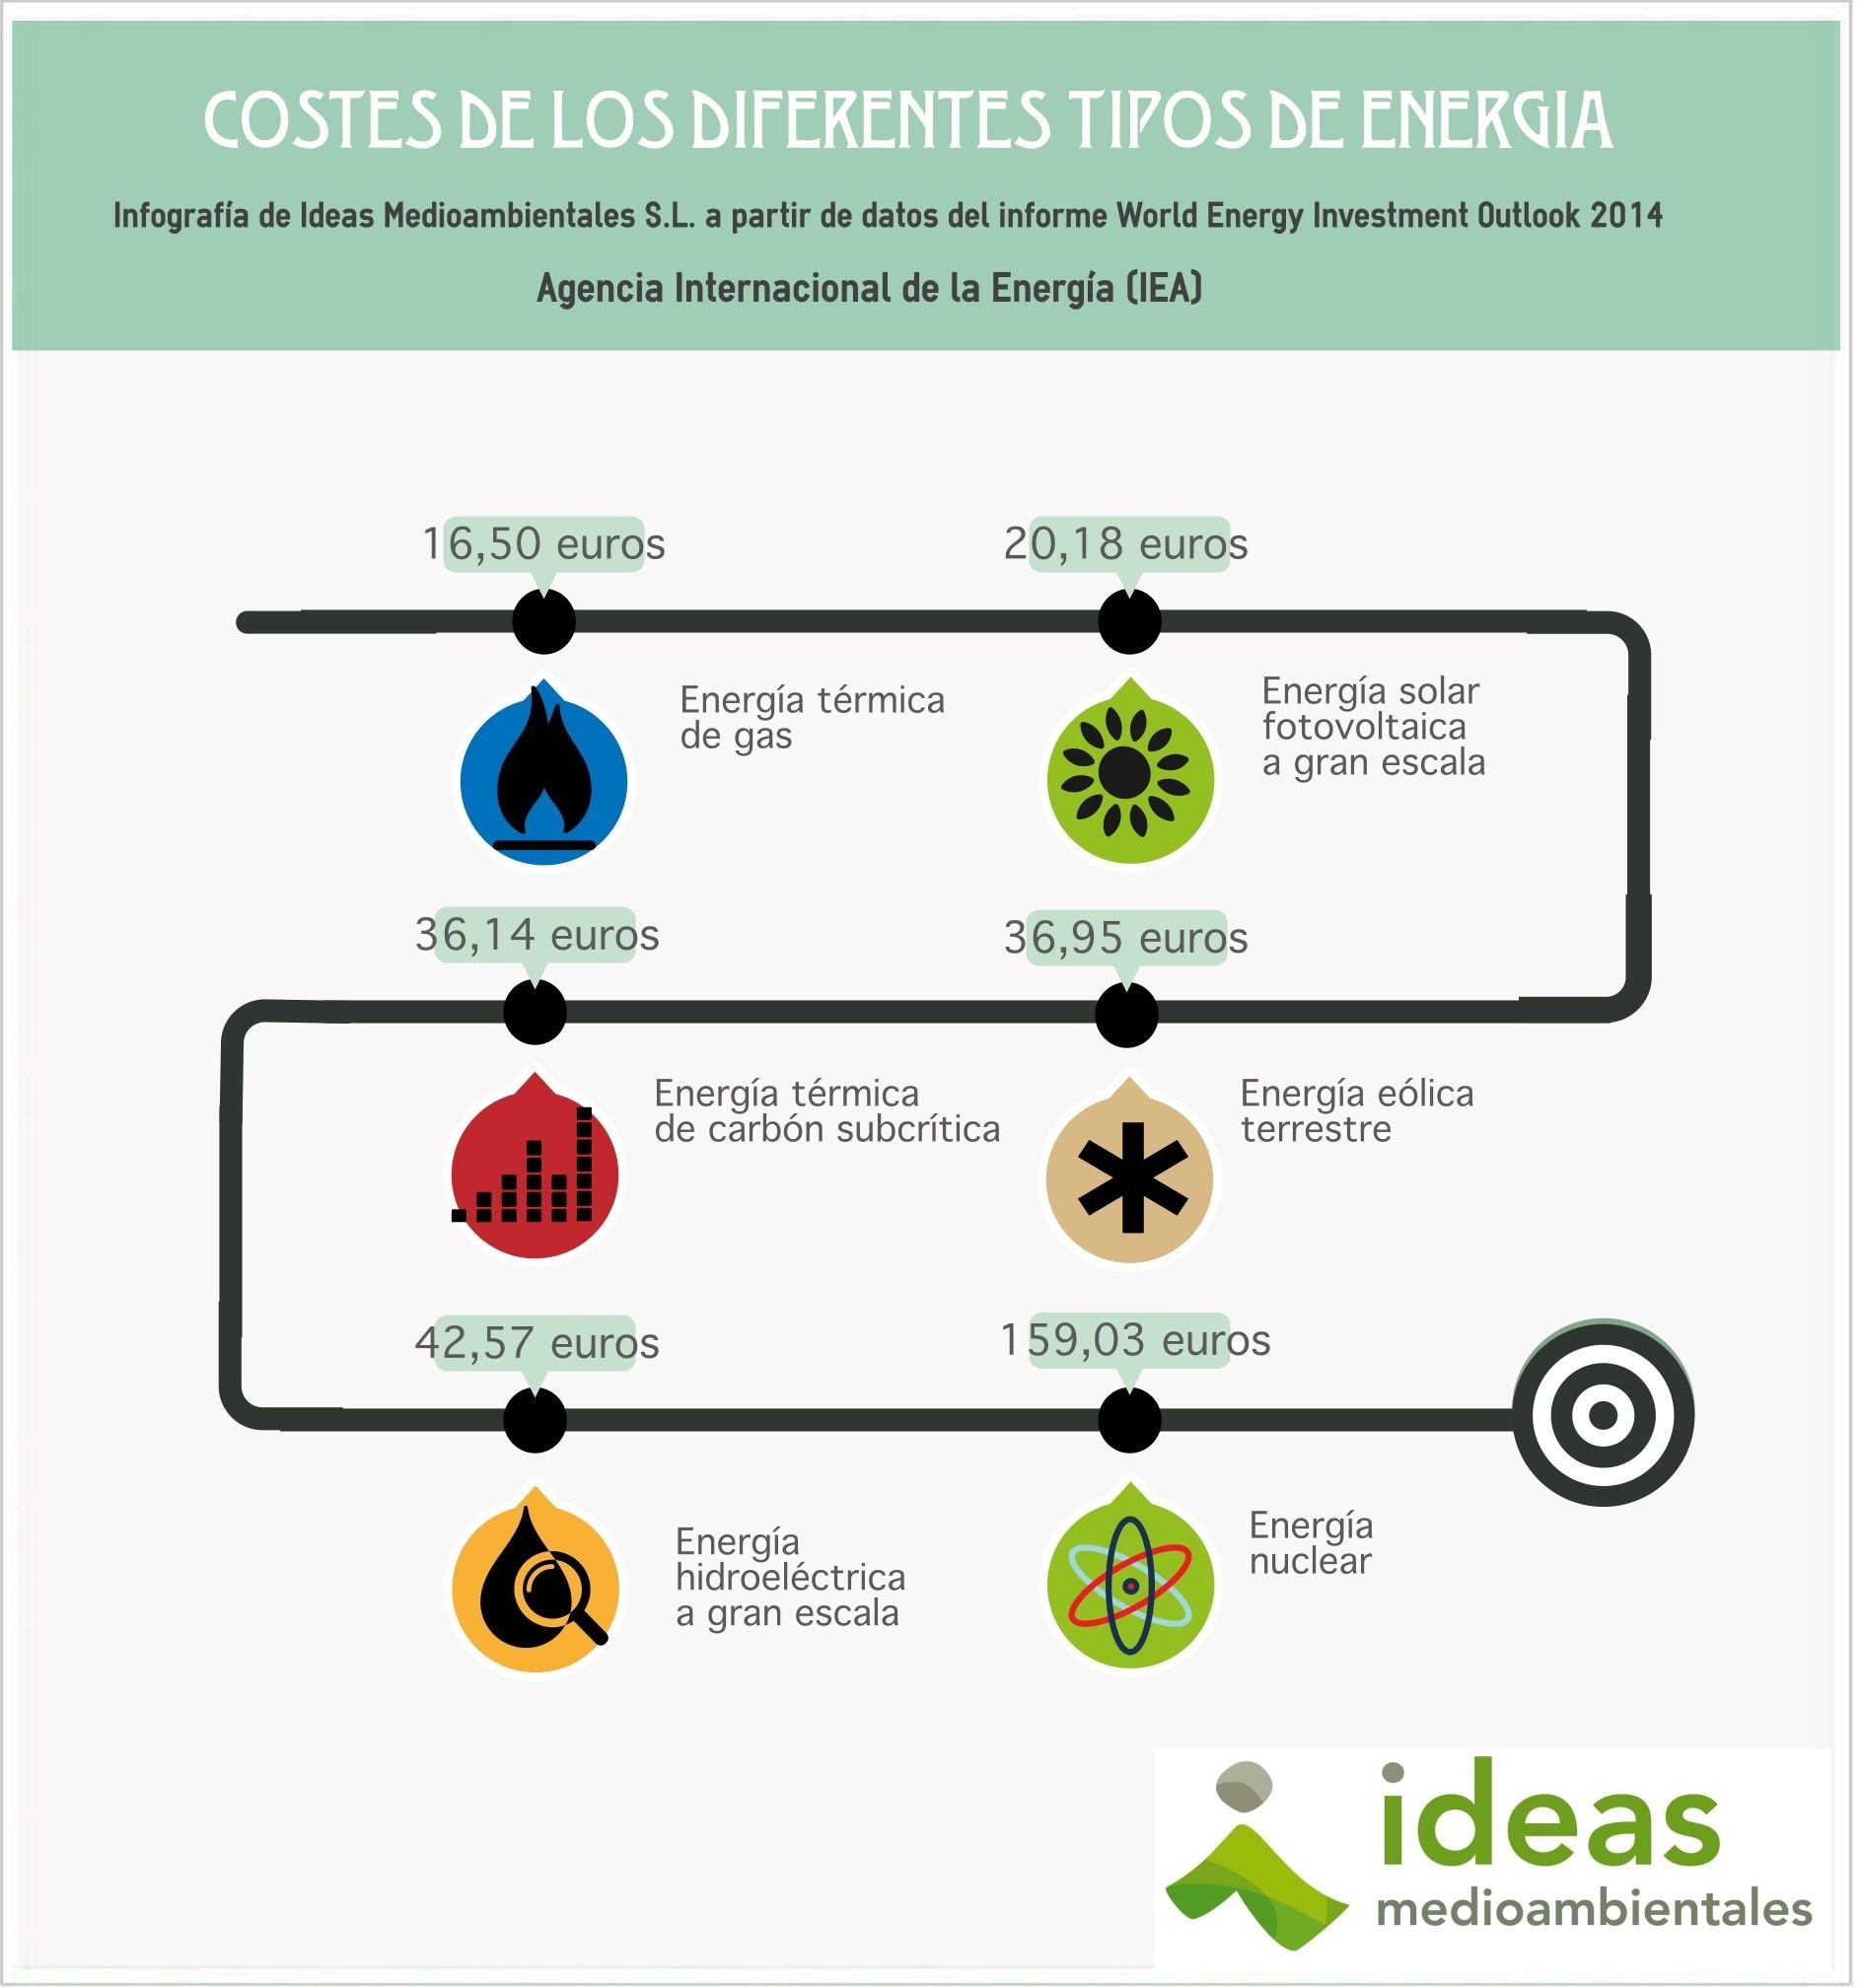 Energía ideasmedioambientales.com